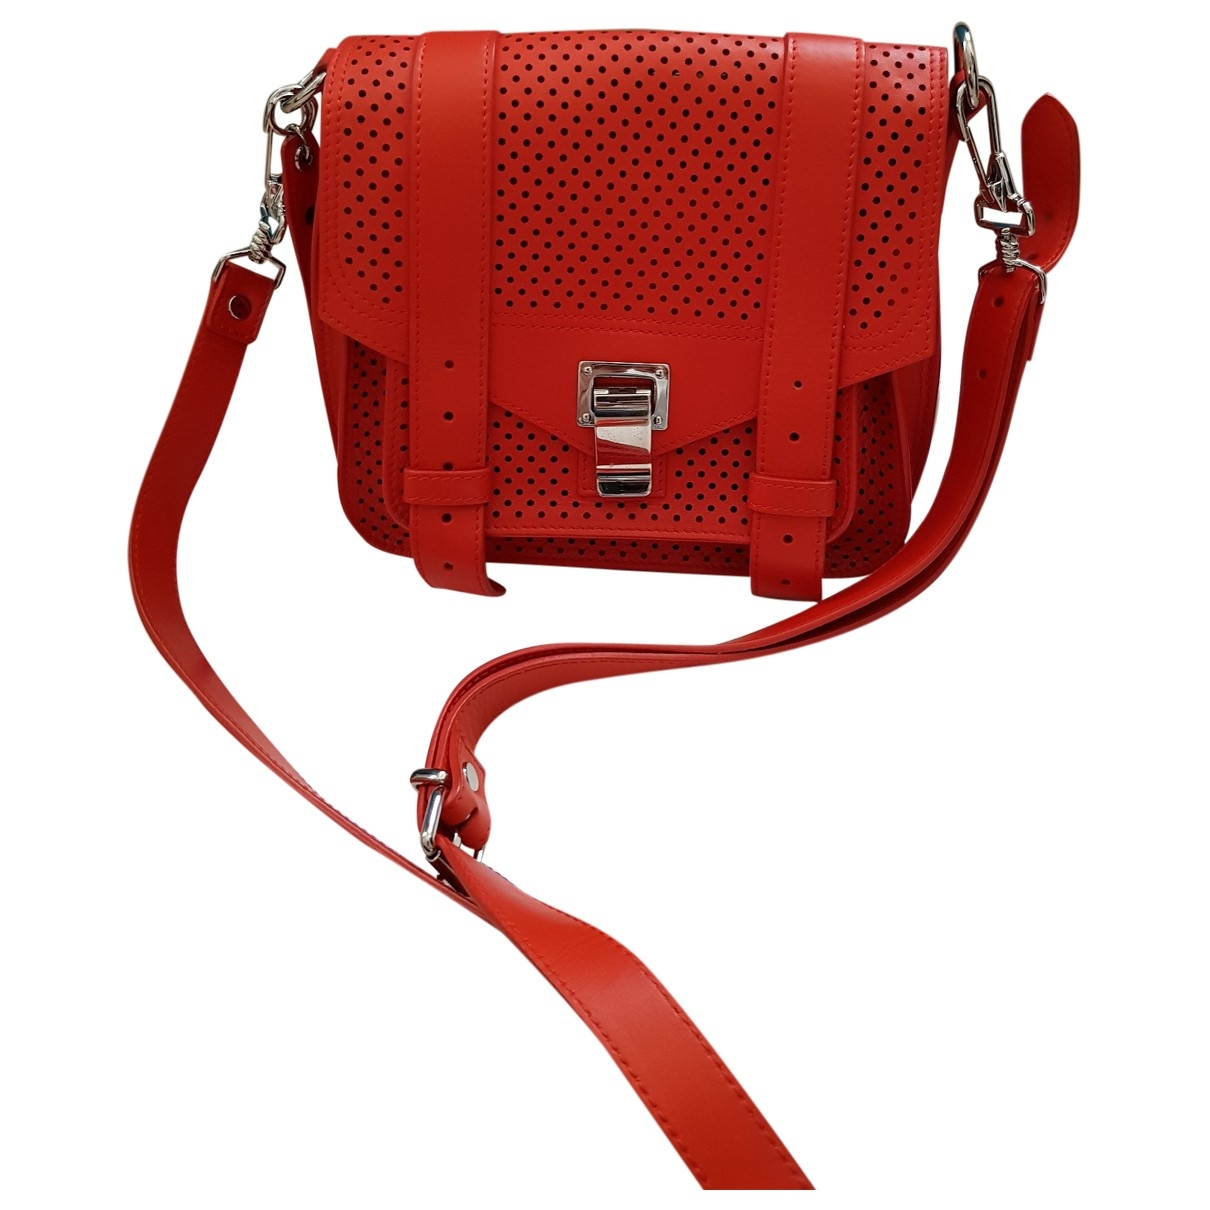 Proenza Schouler PS1 Handtasche in  Rot Leder